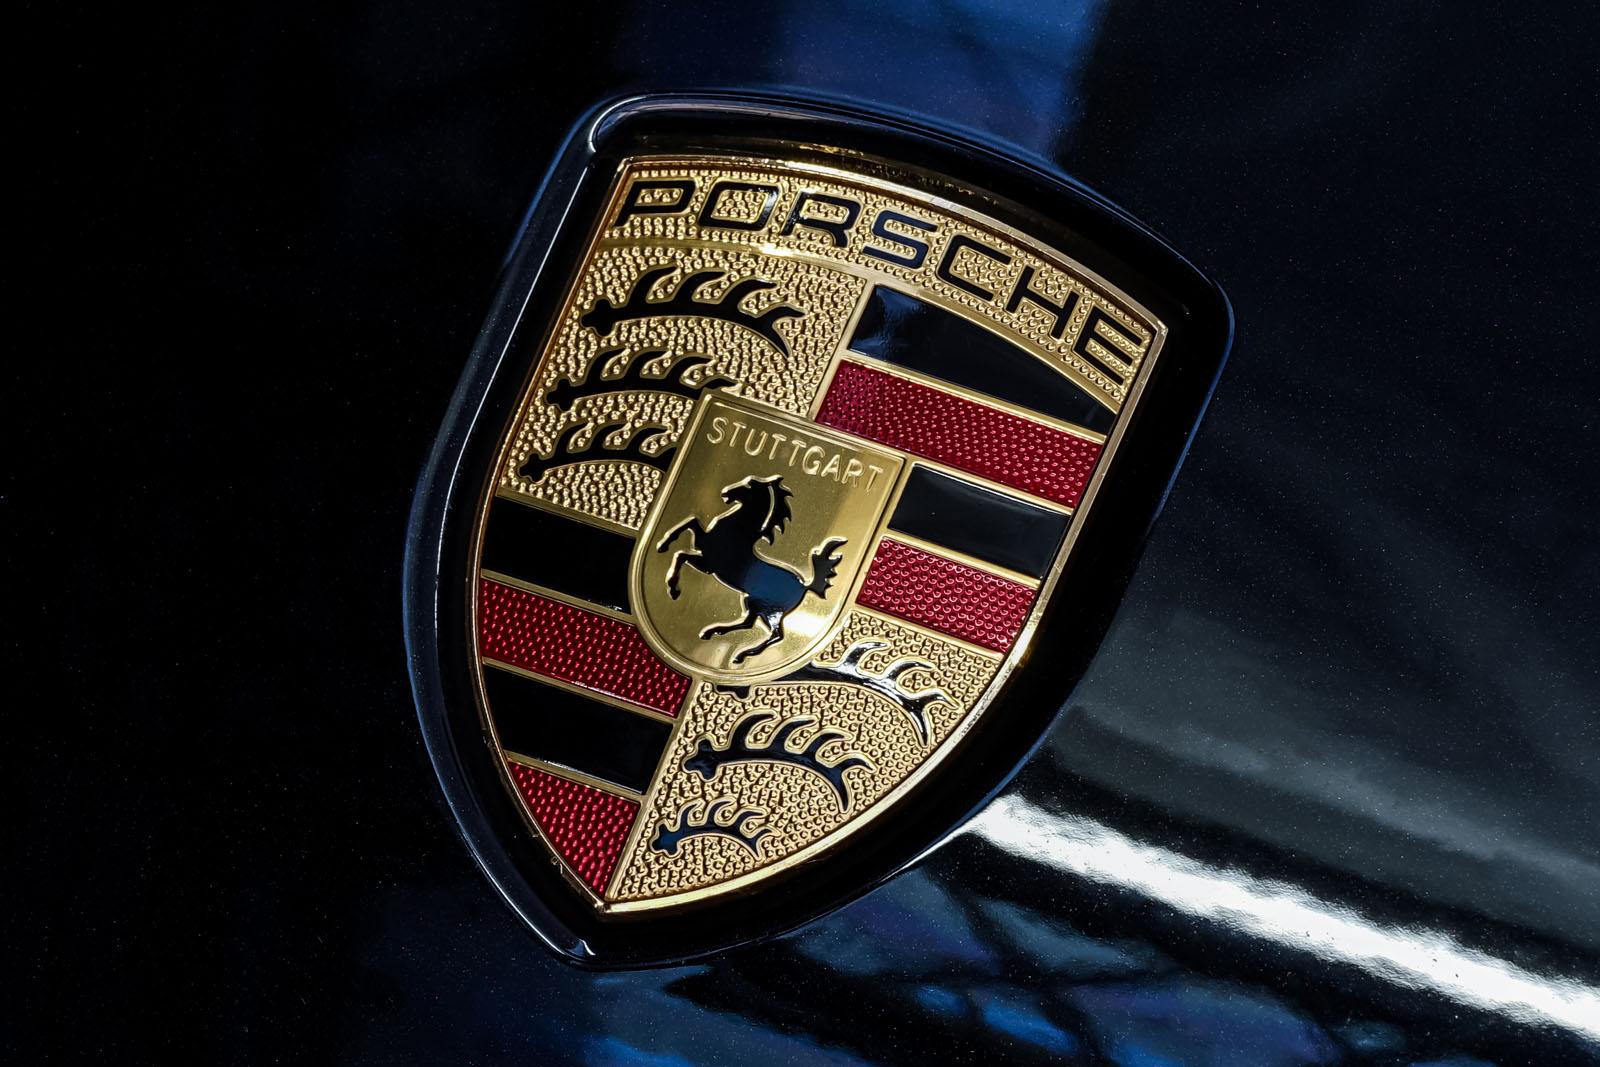 Porsche_Panamera_SportTurismo_Turbo_Schwarz_Schwarz_POR-5145_14_w